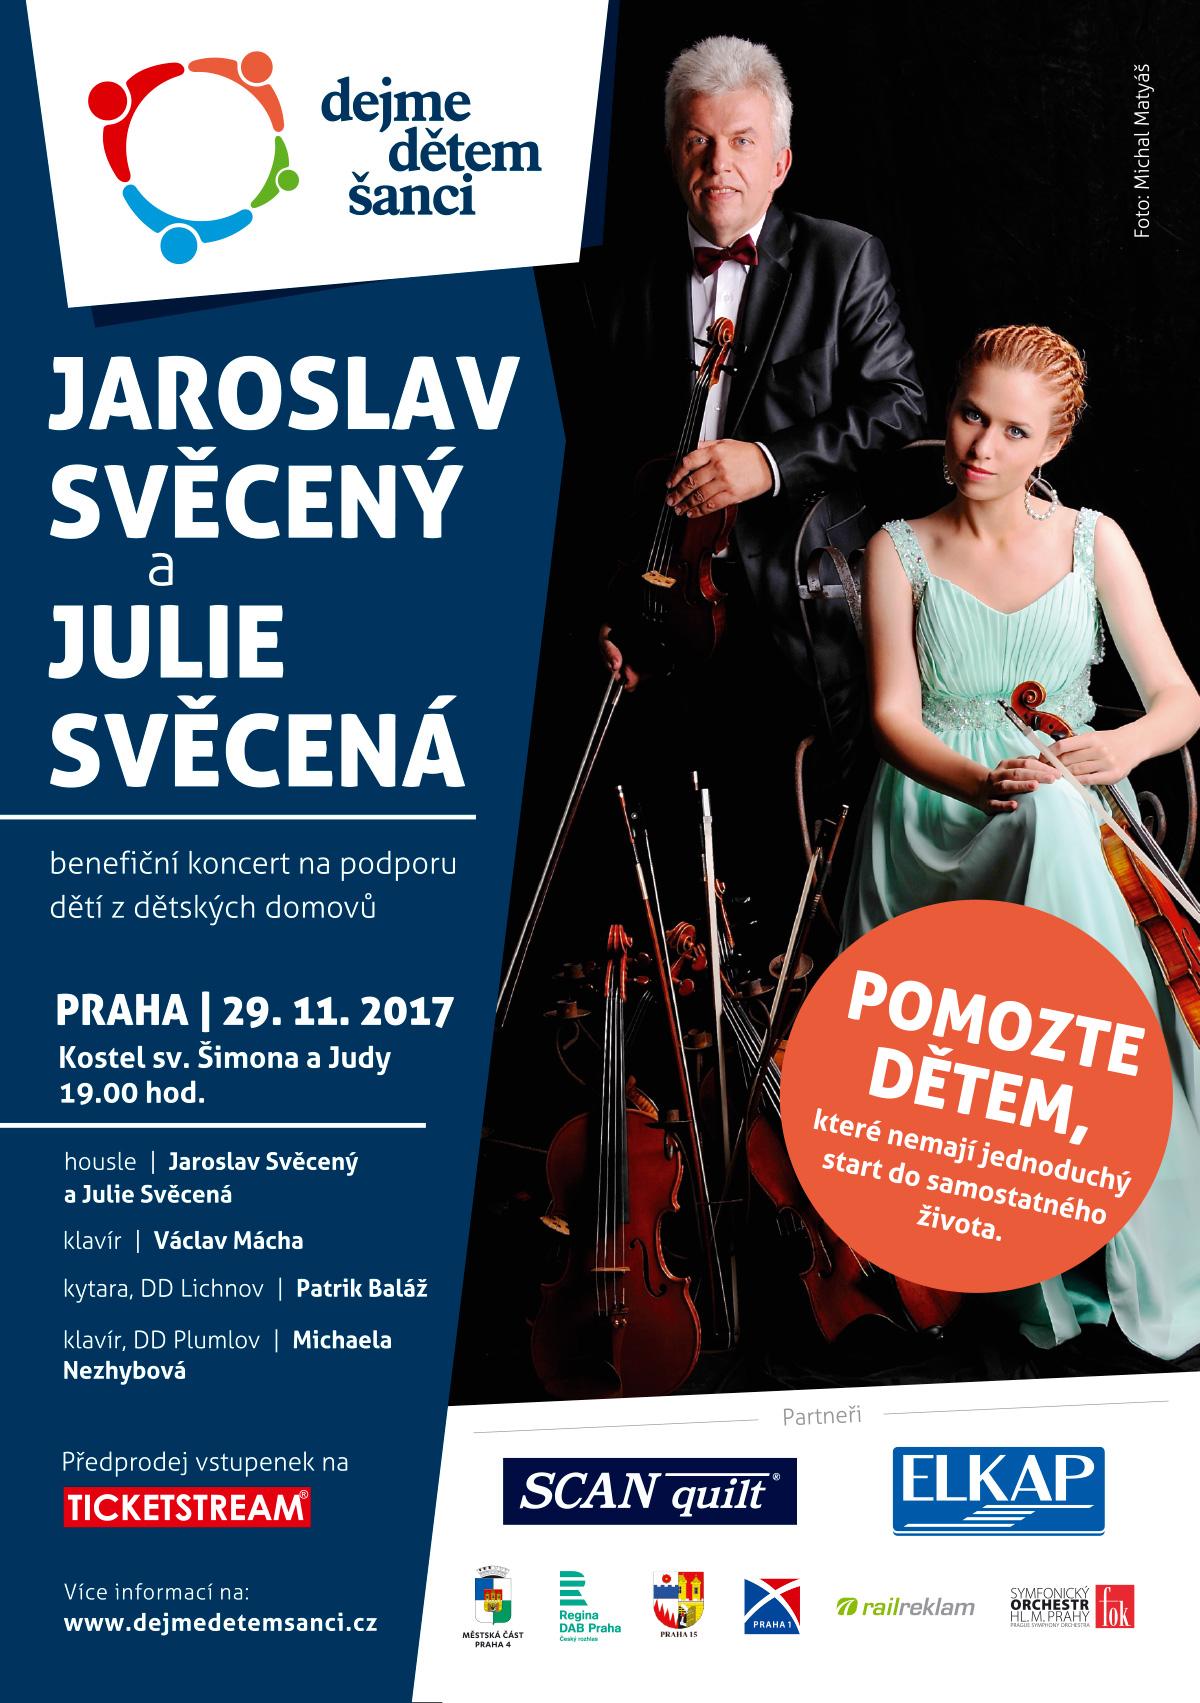 Benefiční koncert na podporu dětí z dětských domovů: Jaroslav Svěcený a Julie Svěcená